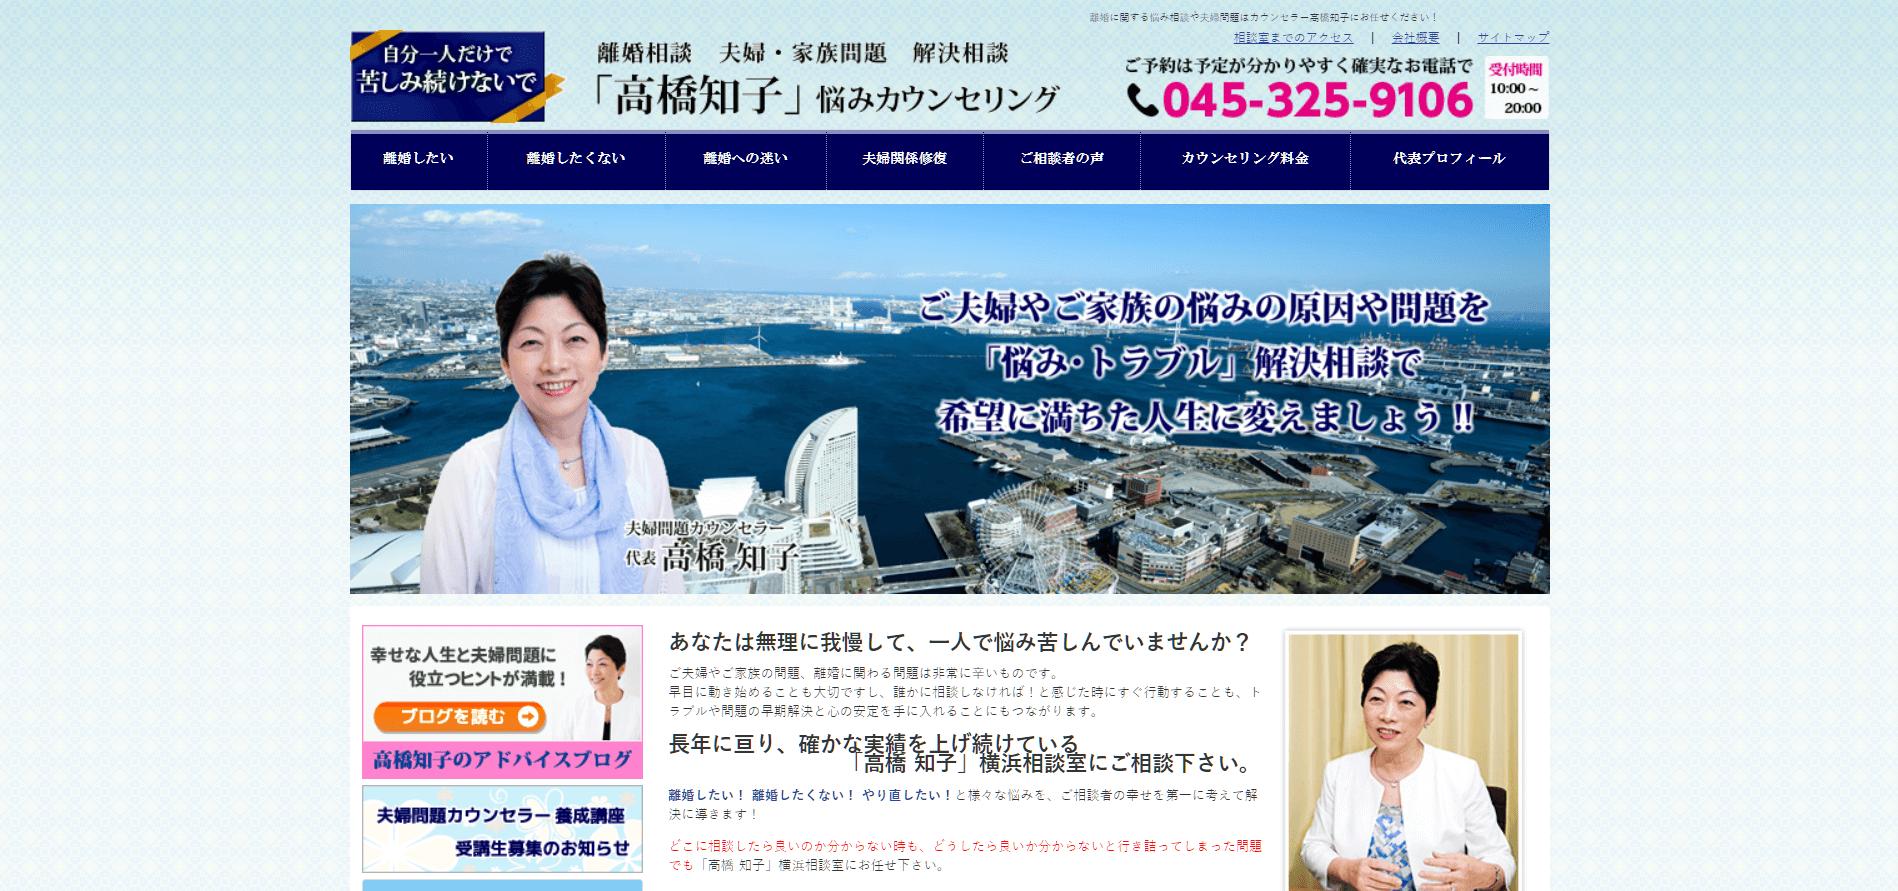 離婚相談カウンセラー高橋知子の口コミ評判【離婚でお悩みのあなたへ】